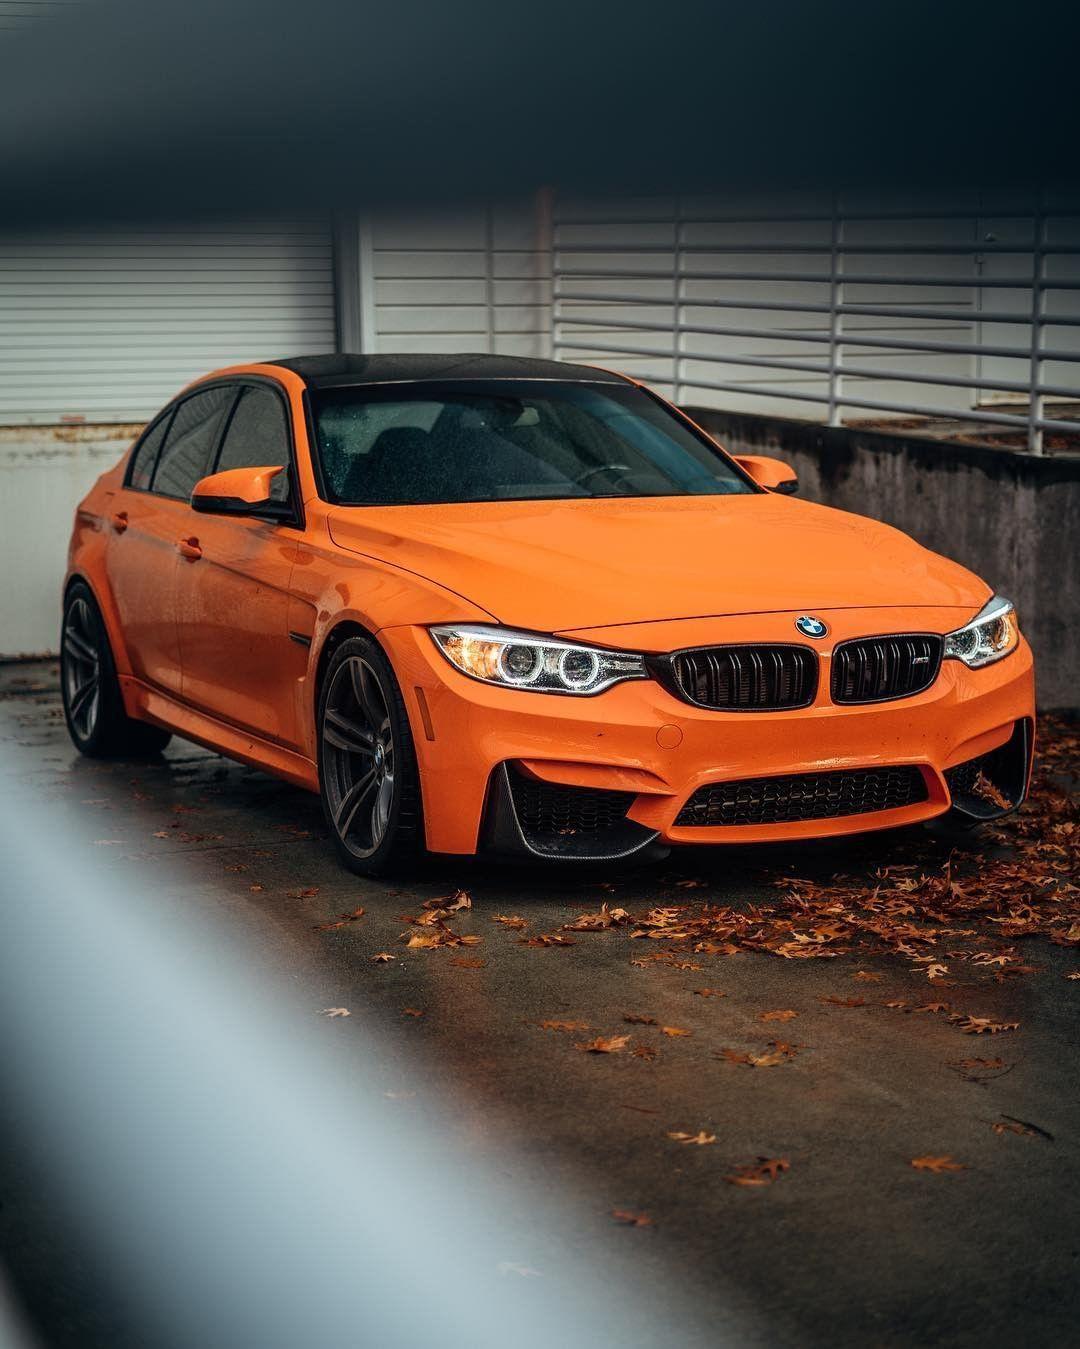 BMW F80 M3 In BMW Individual Fire Orange @zwalkerrr